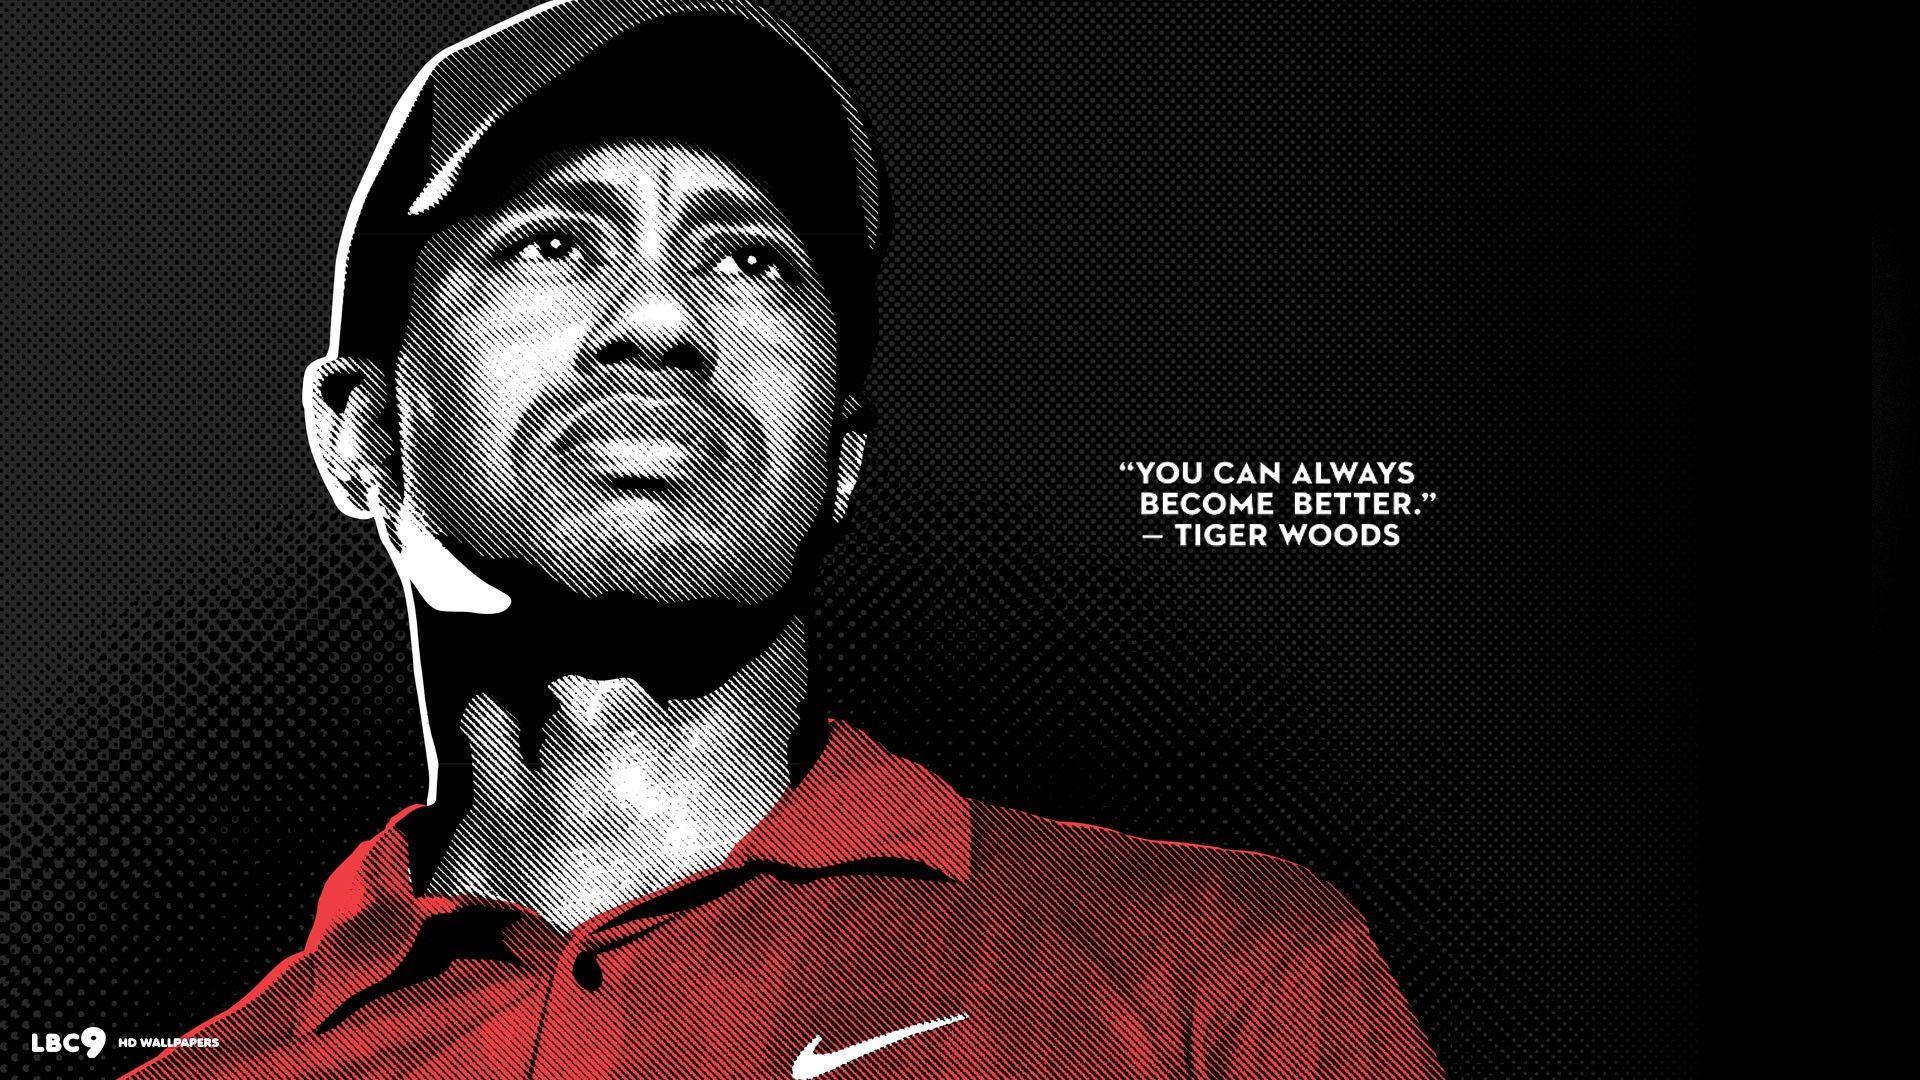 Tiger woods golf quote desktop wallpaper quotes - Tiger woods desktop wallpaper ...